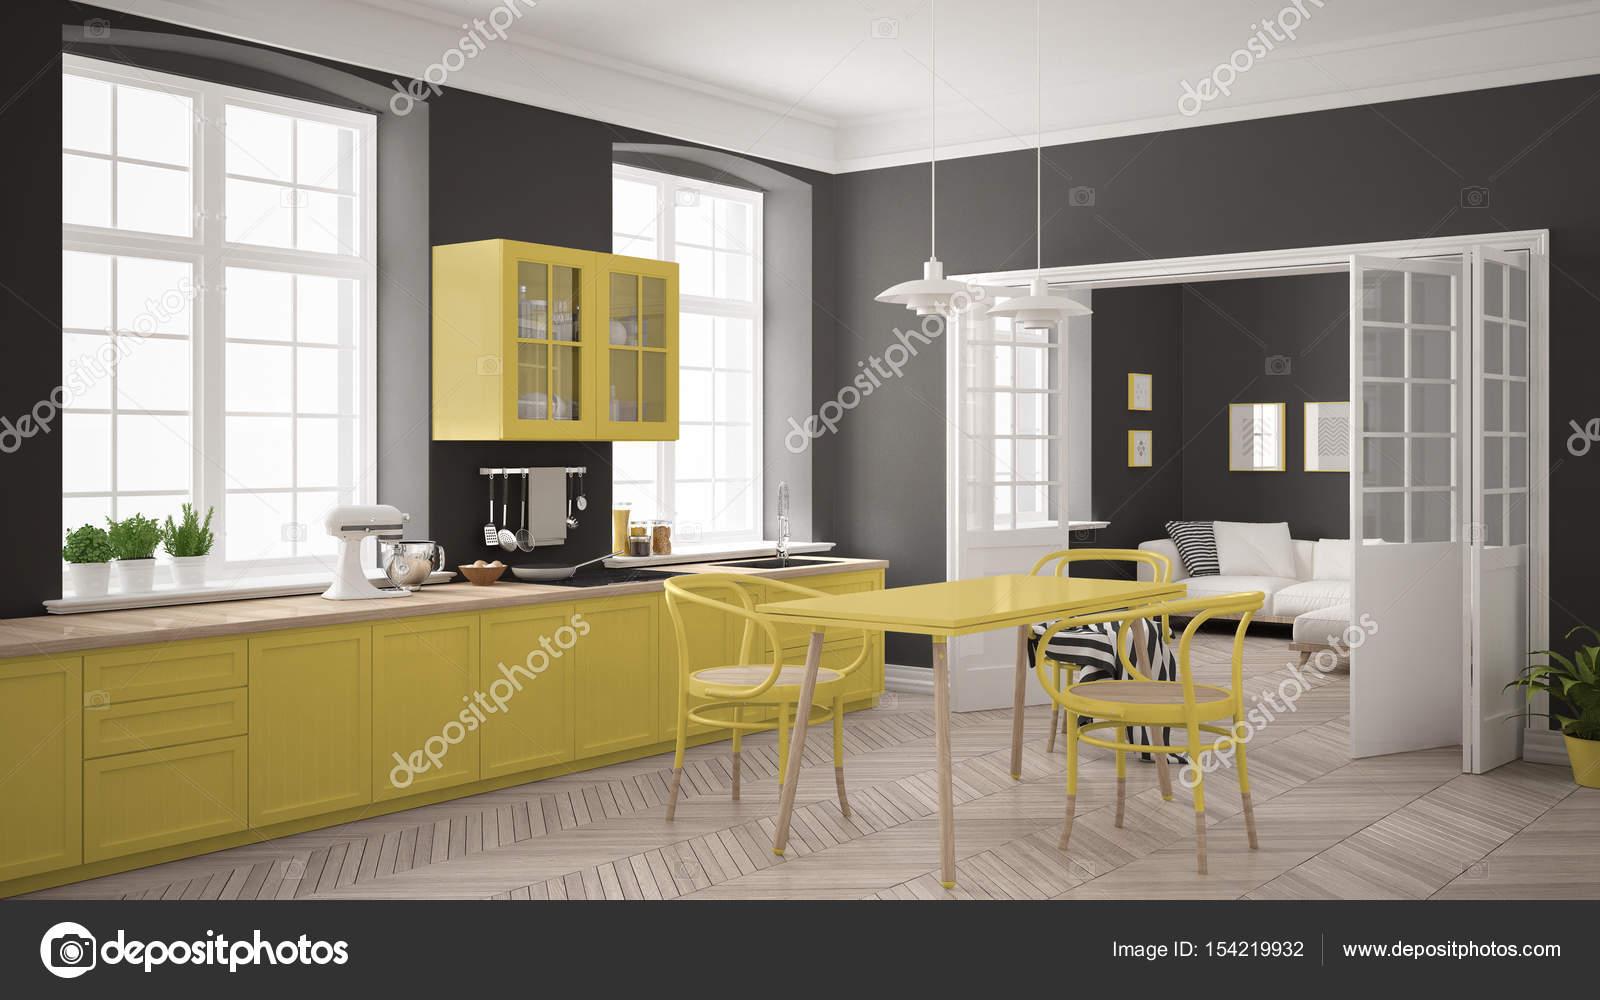 Minimalistische scandinavische witte keuken met woonkamer in de ba